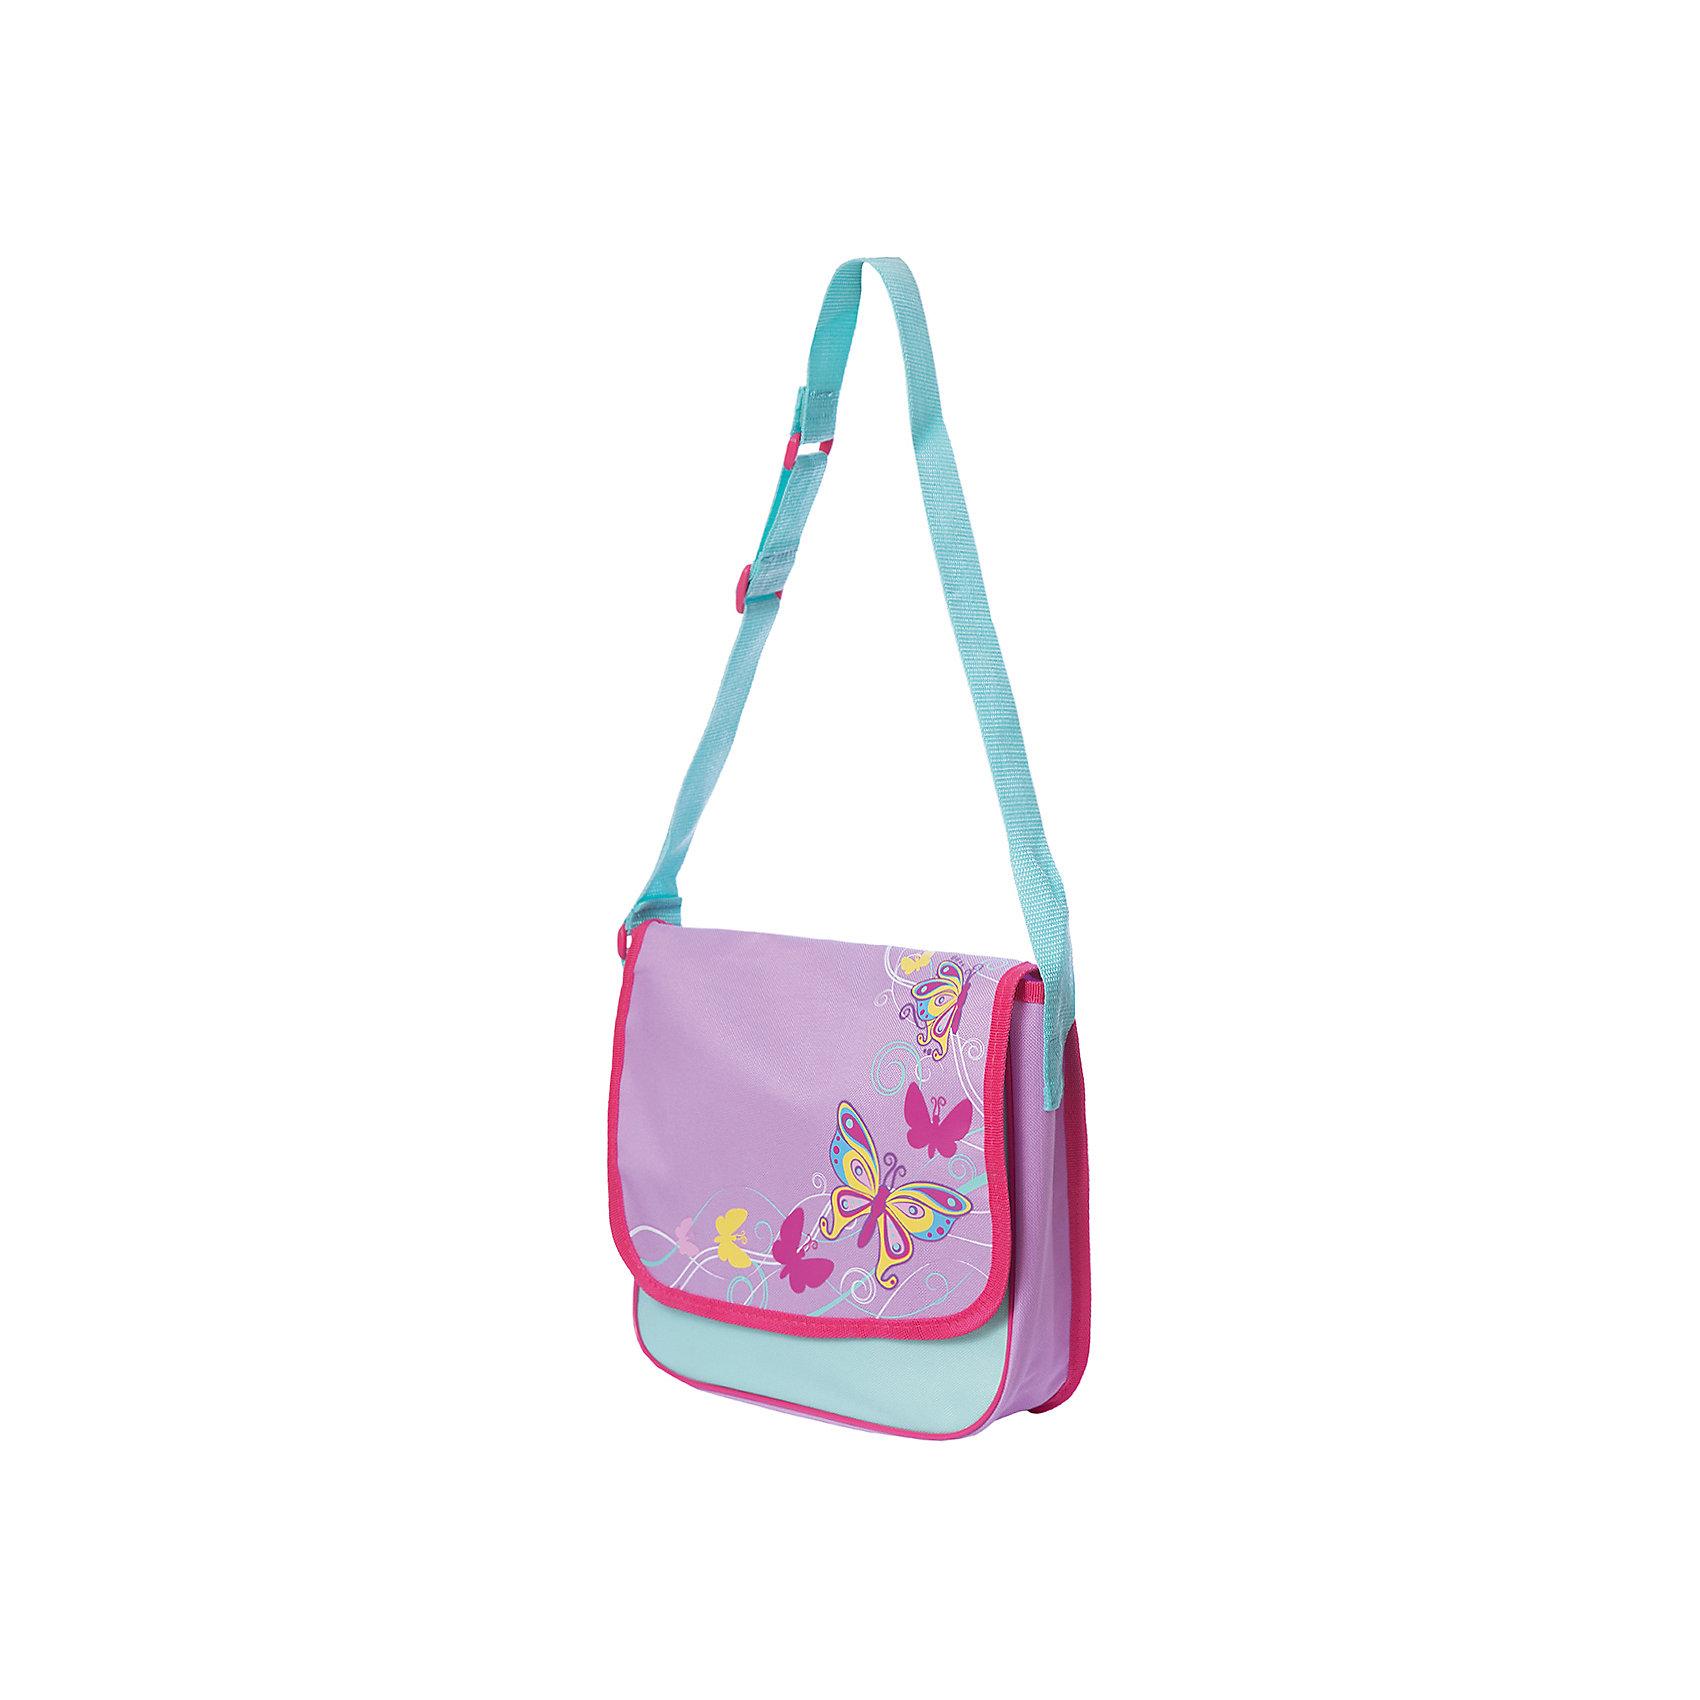 Сумка Бабочки 30*8*24 см.Детские сумки<br>Сумка Бабочки 30*8*24 см., Mary Poppins (Мэри Поппинс)<br><br>Характеристики:<br><br>• яркий дизайн<br>• вместительное отделение<br>• регулируемая лямка<br>• размер: 30х8х24 см<br>• материал: текстиль, пластик<br>• размер упаковки: 30х8х24 см<br>• вес: 168 грамм<br><br>Сумка Бабочки отлично подойдет для занятий и прогулок юной модницы. Сумка имеет вместительное отделение, застегивающееся на липучку. Широкий ремень не натирает плечо и регулируется при необходимости. Сумка выполнена в розовом и мятном тонах и декорирована ярким принтом с изображением порхающих бабочек.<br><br>Сумка Бабочки 30*8*24 см. , Mary Poppins (Мэри Поппинс)вы можете купить в нашем интернет-магазине.<br><br>Ширина мм: 300<br>Глубина мм: 240<br>Высота мм: 800<br>Вес г: 168<br>Возраст от месяцев: 36<br>Возраст до месяцев: 2147483647<br>Пол: Женский<br>Возраст: Детский<br>SKU: 5508549